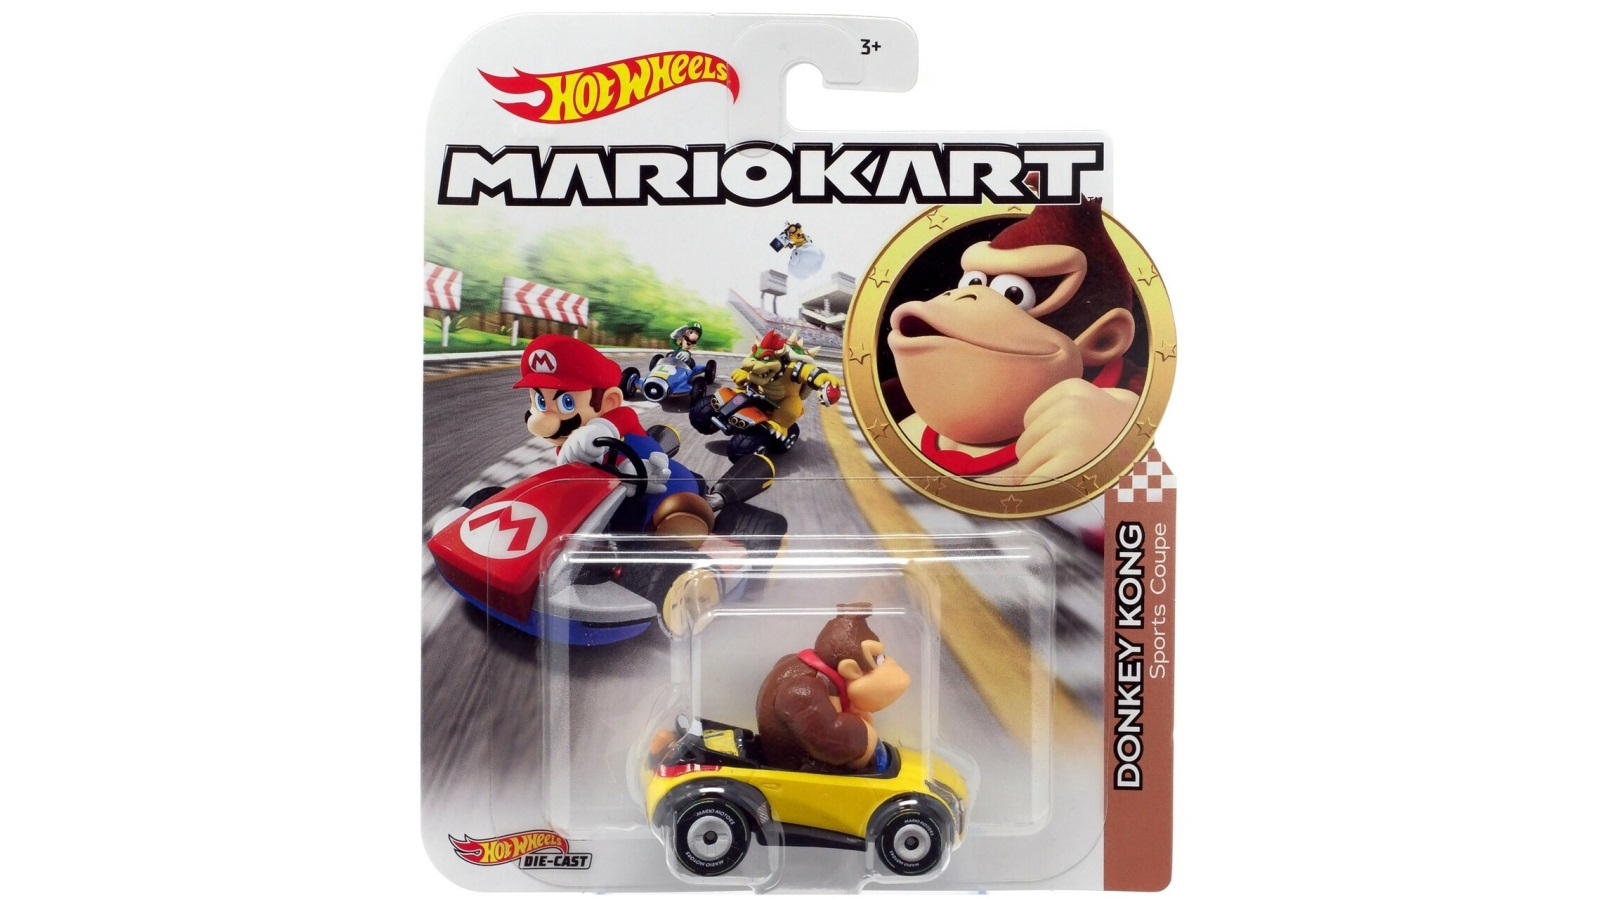 מכונית Hot Wheels - Mario Kart Donkey Kong